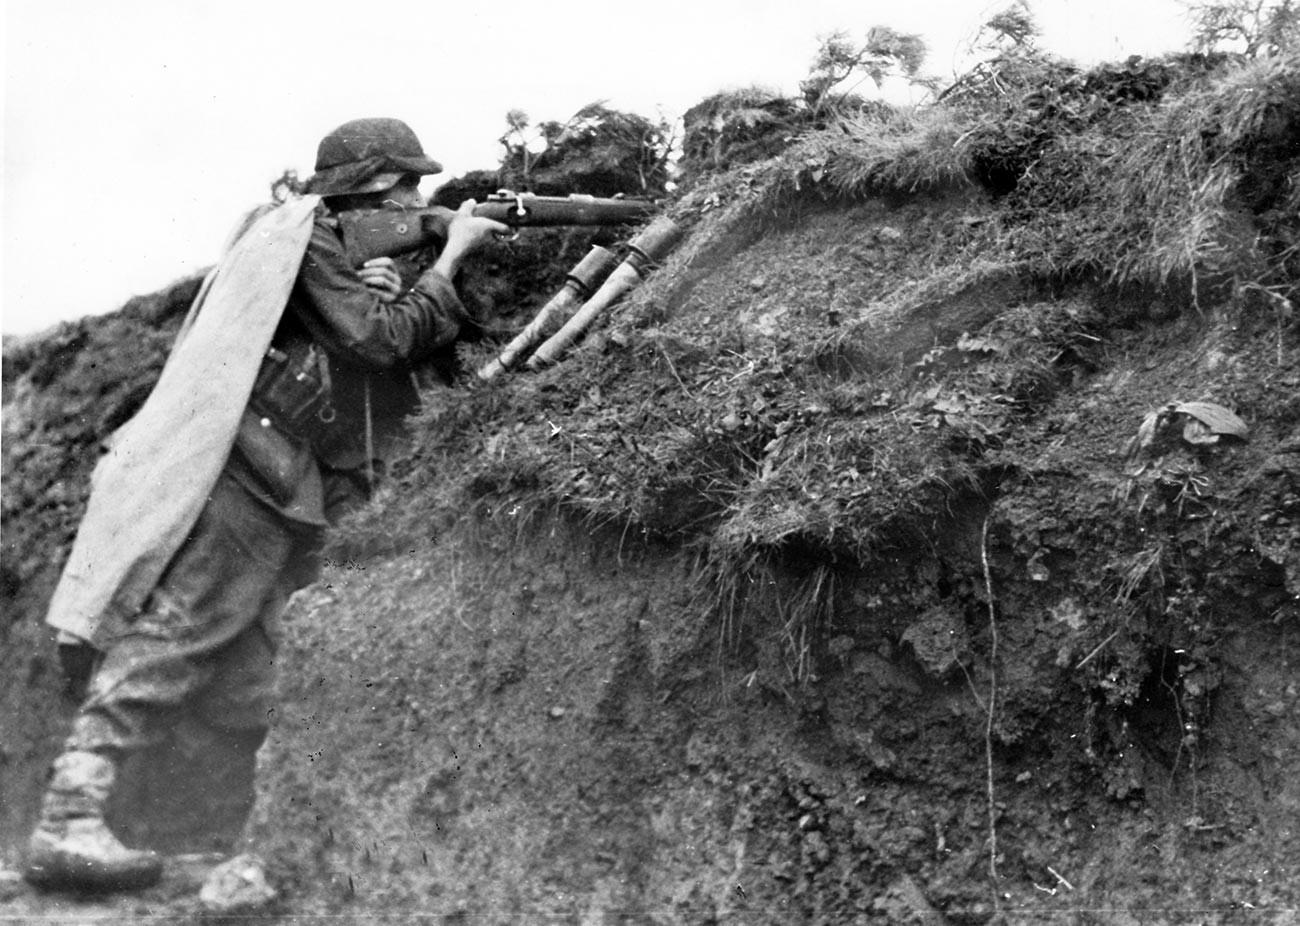 Cette photo de propagande nazie montre des membres de la Wehrmacht allemande dans les Carpates, sur le front de l'Est, en octobre 1944.